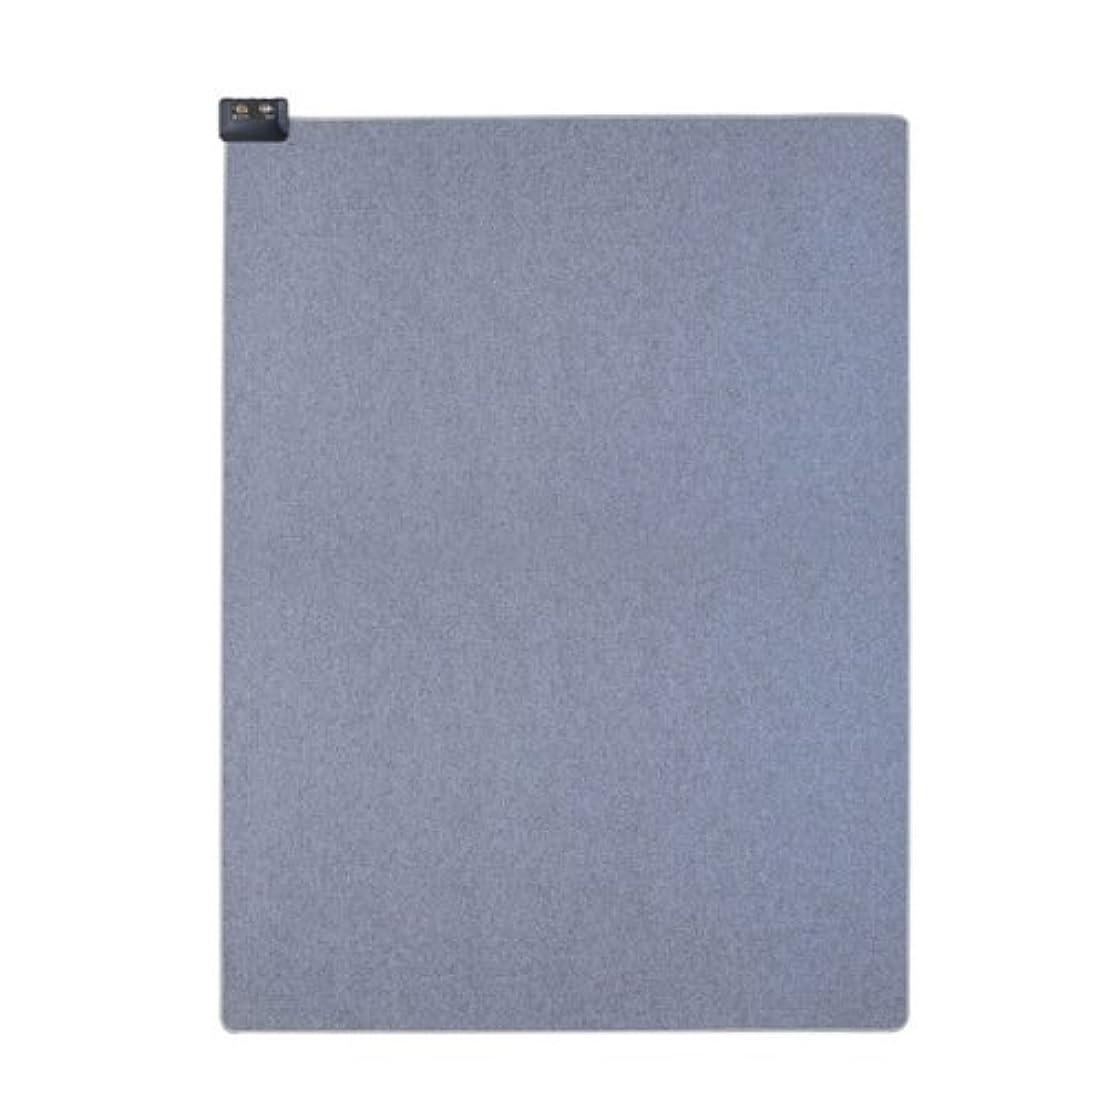 文房具チラチラするチューリップ広電(KODEN) やわらかい 電気カーペット 本体のみ 遠赤外線 1畳 (88×176cm) CWU1025